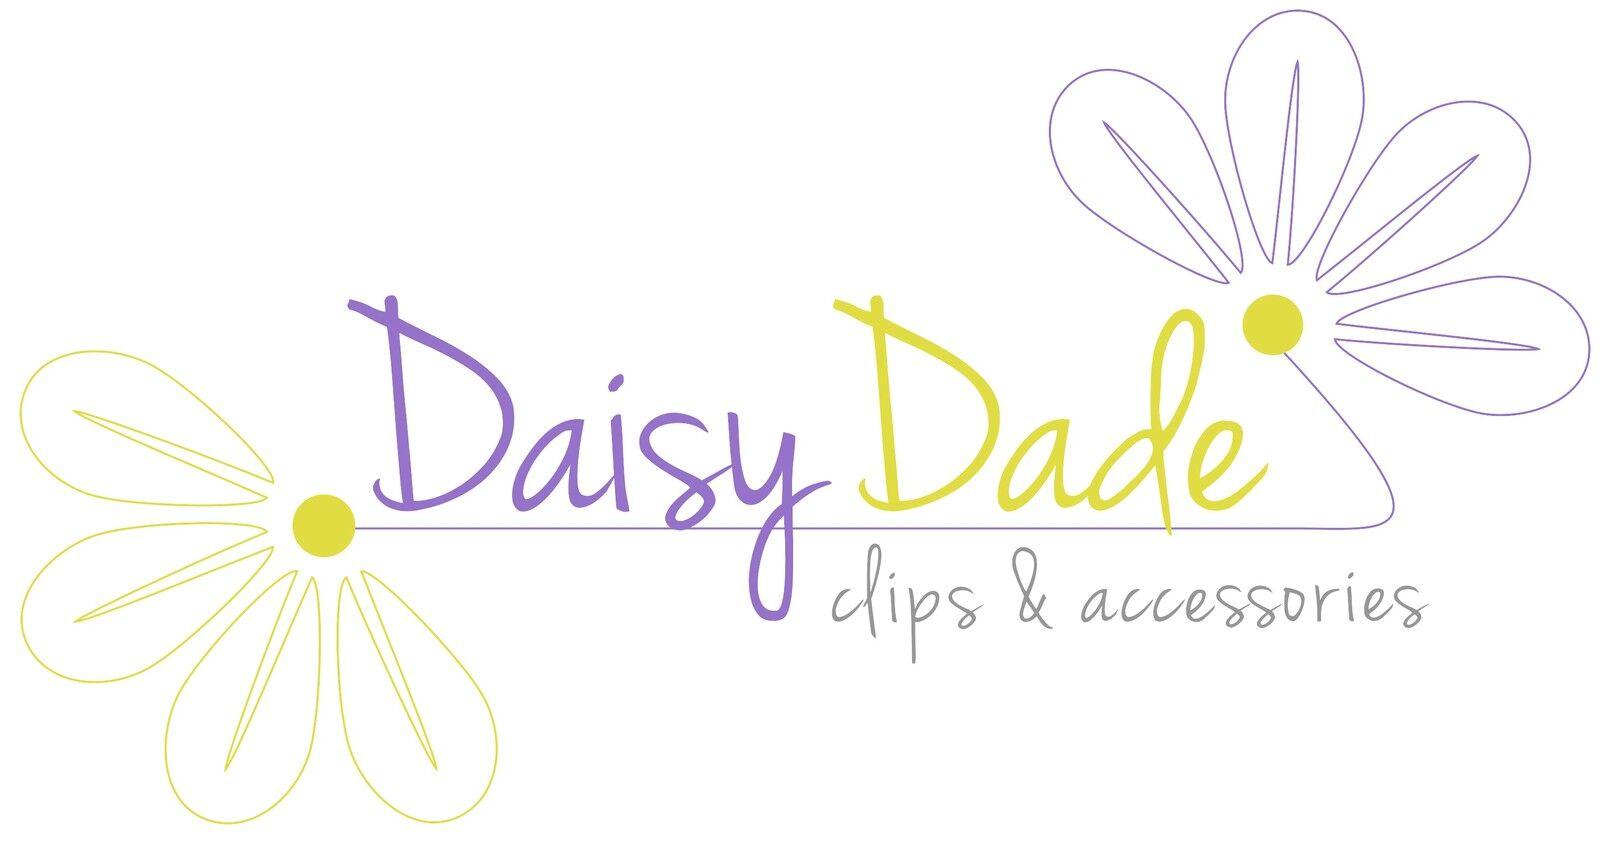 Daisy Dades